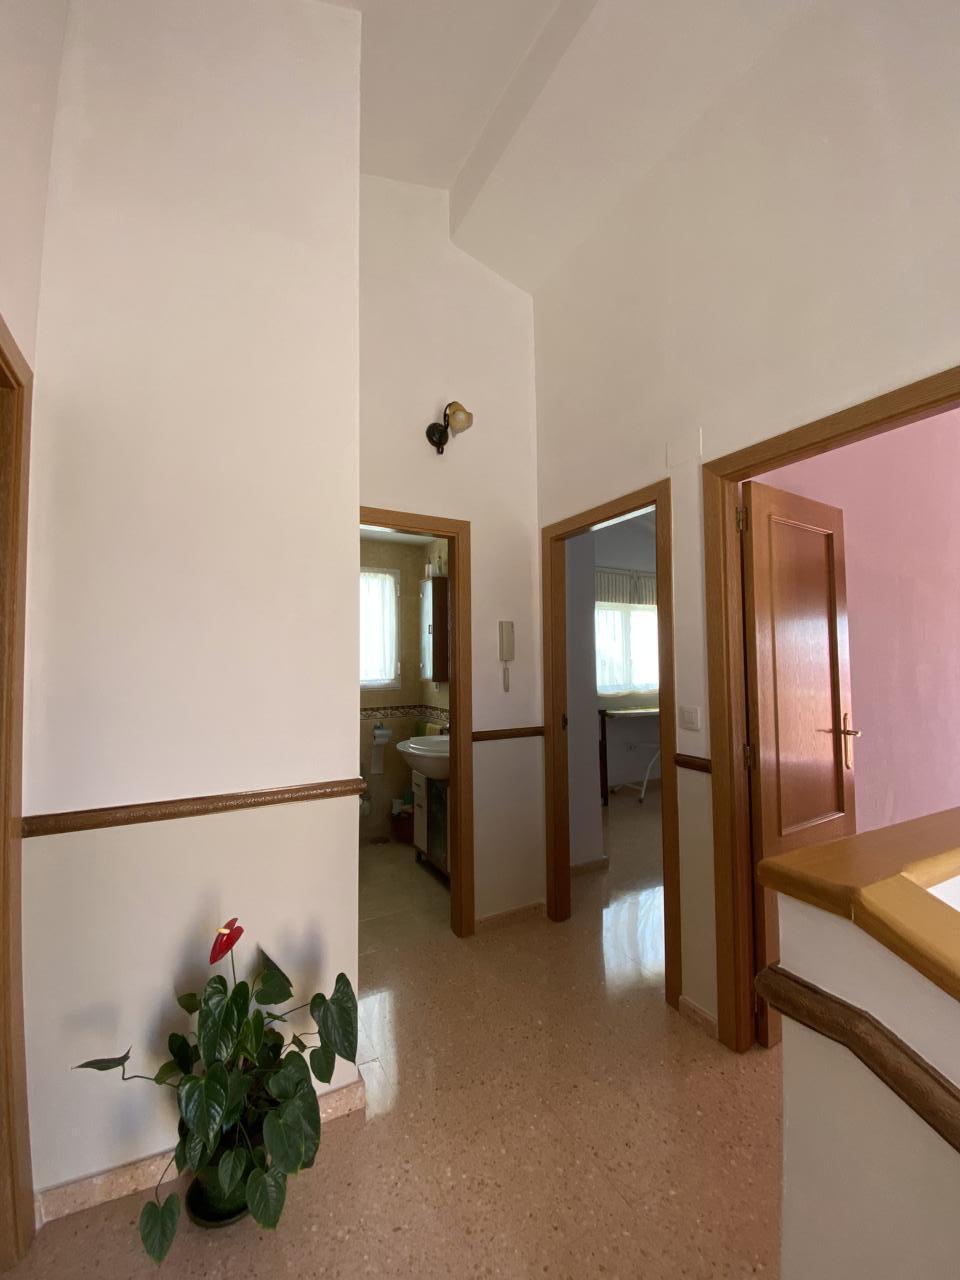 villas en mutxamel · carrer-del-plaer-03110 310000€